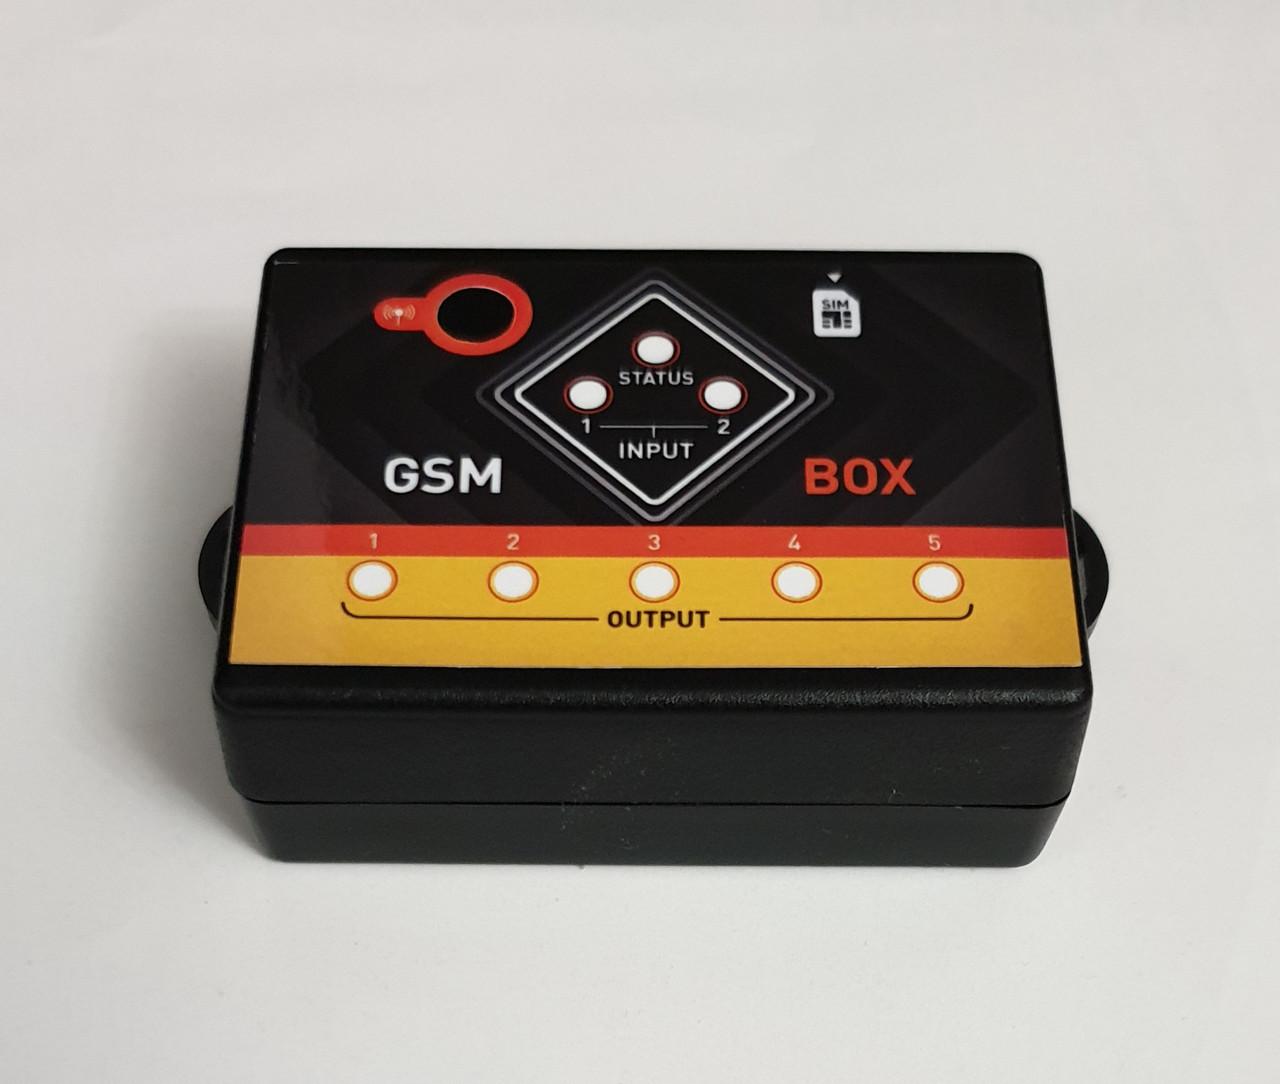 GSM реле для удаленного управления через телефон (SMS и по звонку) - Одноканальное